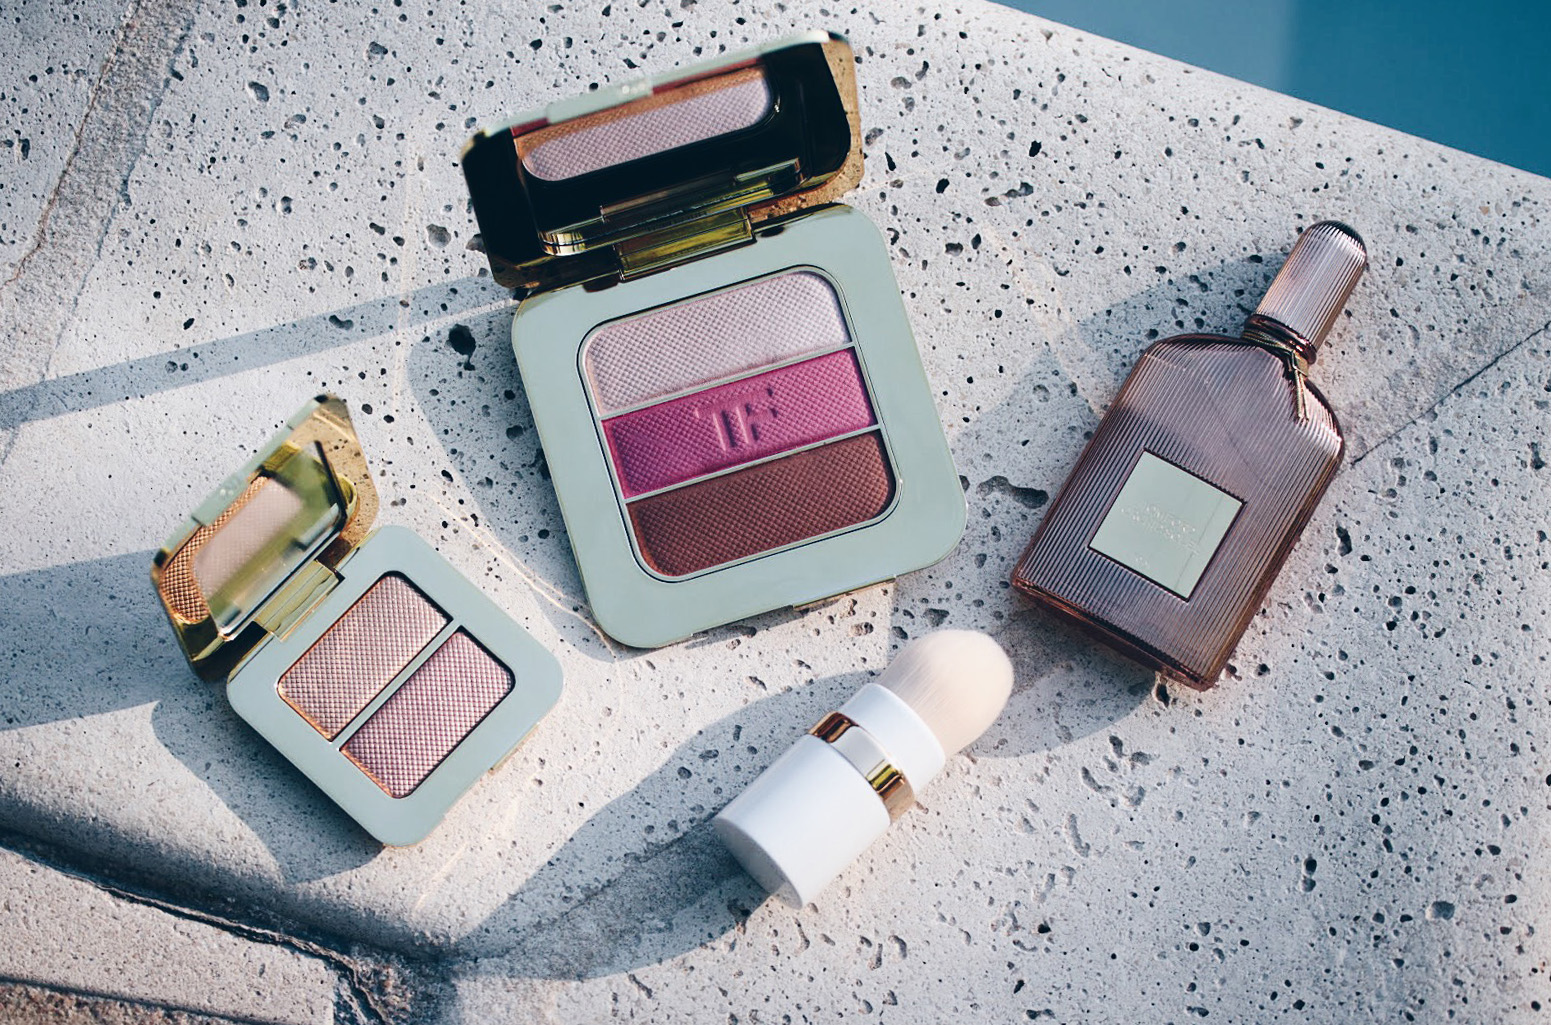 tom ford maquillage été 2017 palette fard à paupières avis test swatches soleil contouring compact